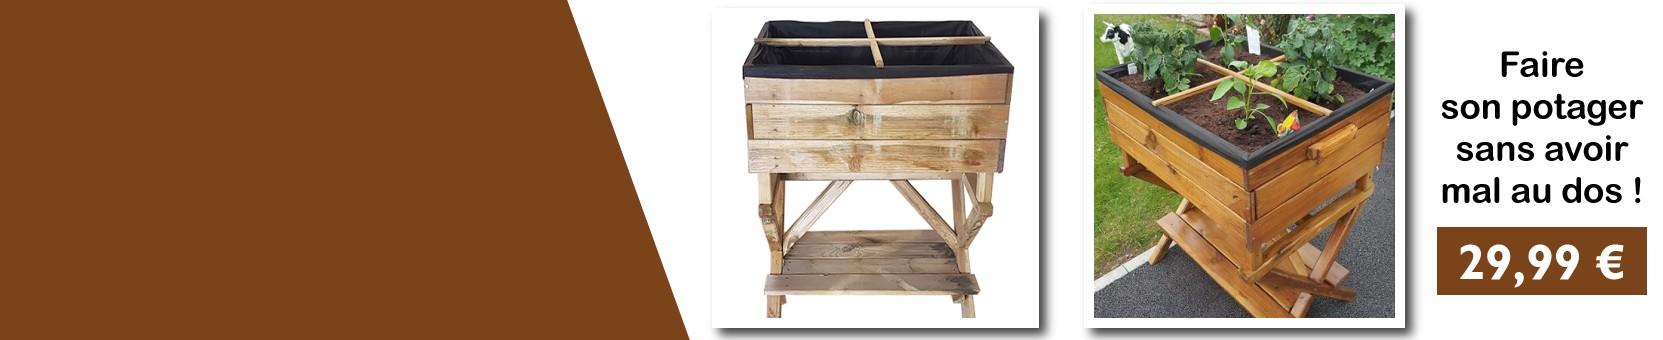 Carré potager en bois